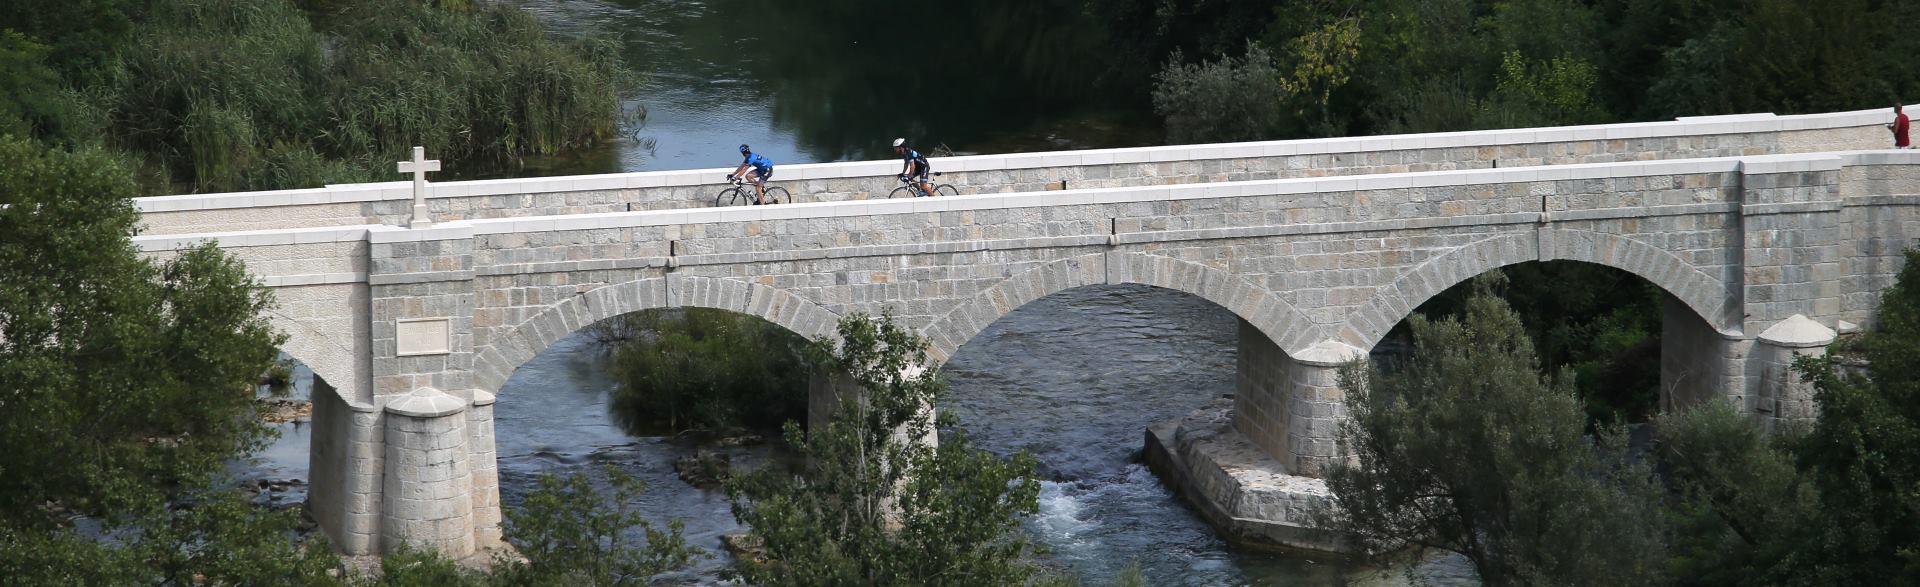 Vodostaj u Vrljici se popravlja, vodoopskrba Imotskog nije ugrožena